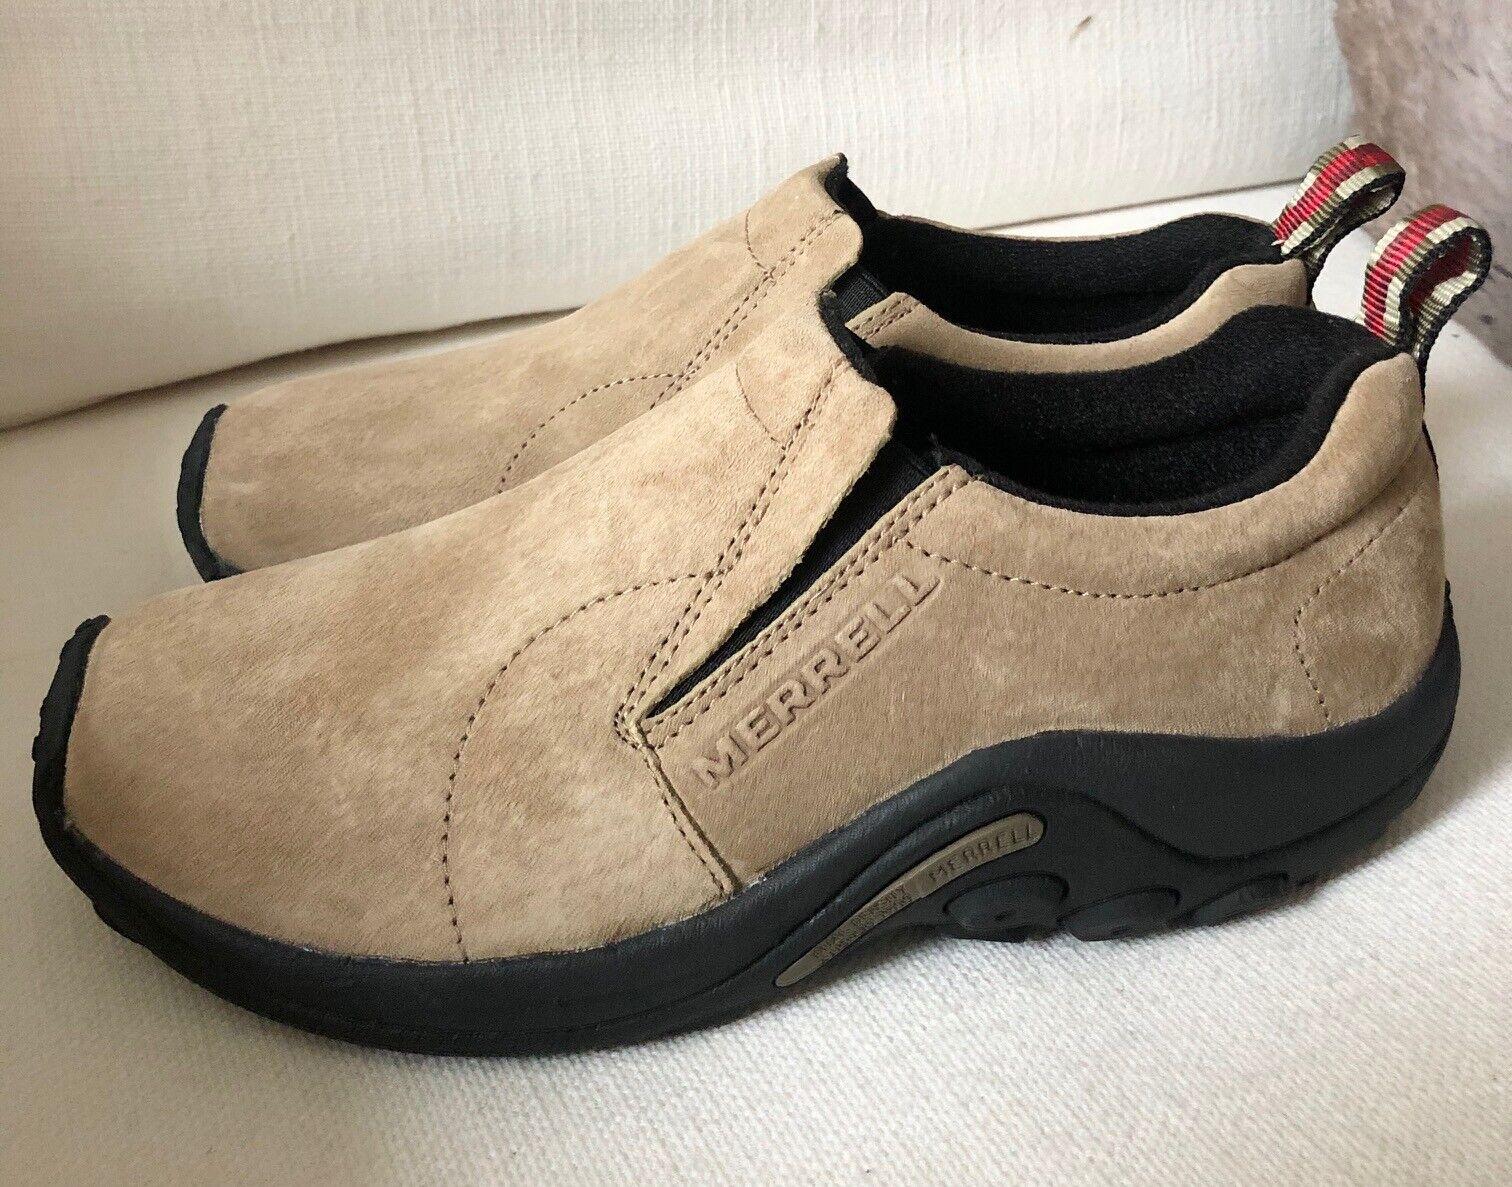 Merrell Women's Jungle Moc Taupe Chaussures nouveau décalage LT 8 RT 7.5